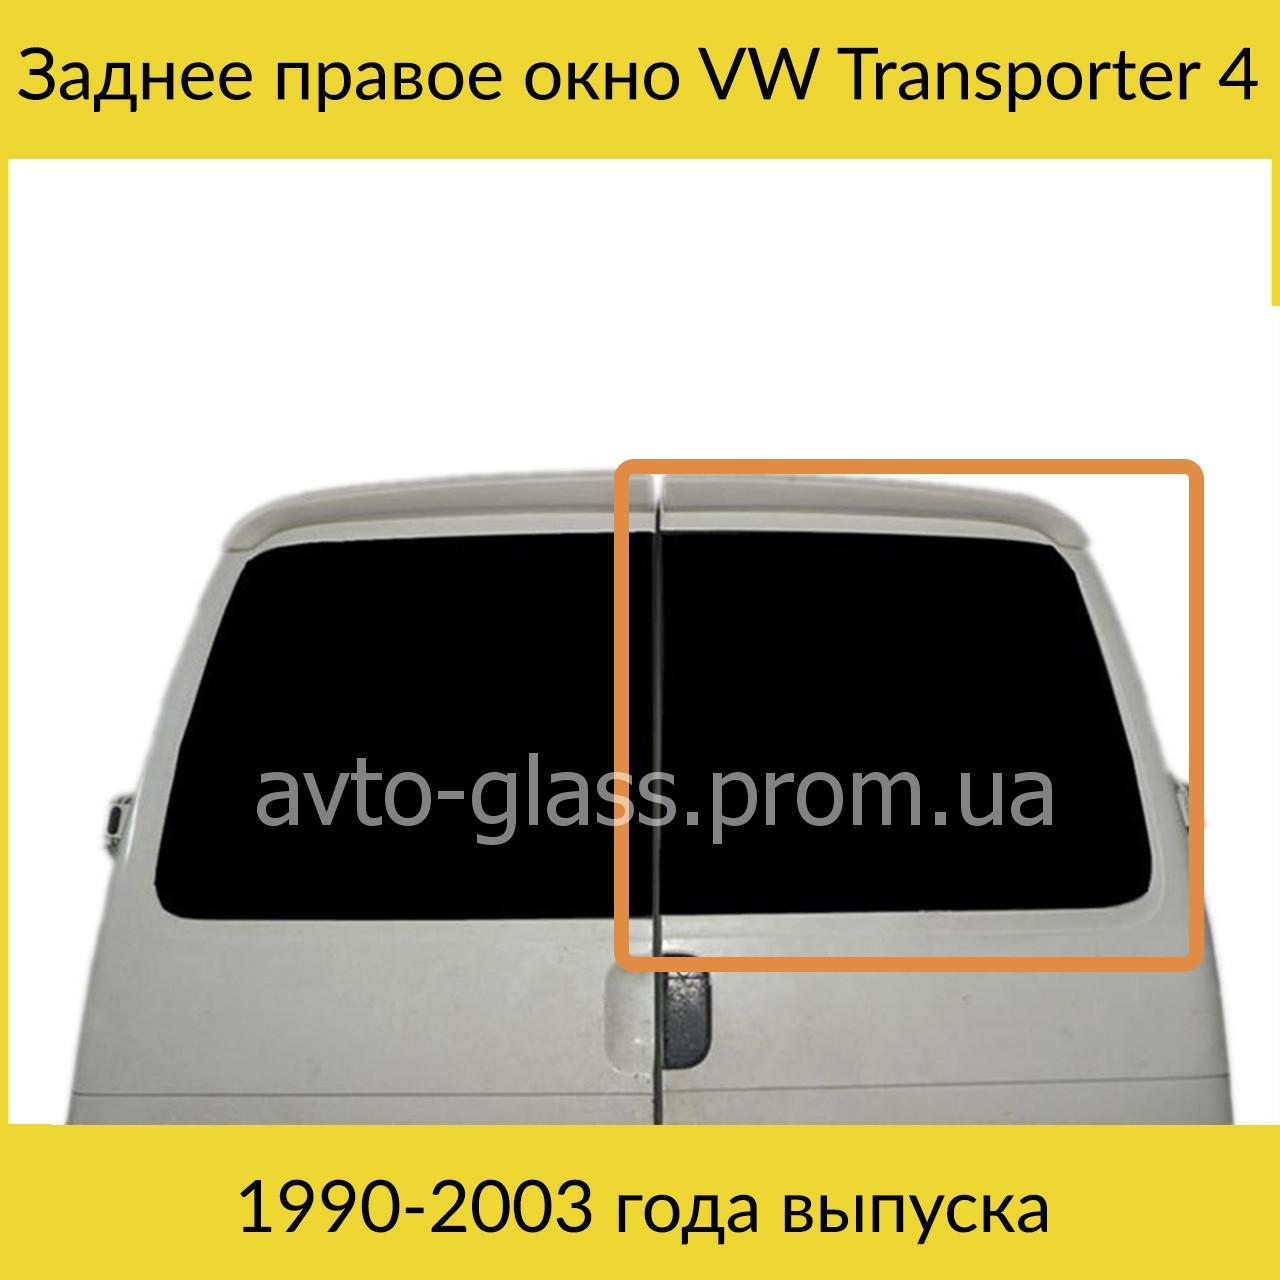 Стекло заднее т4 транспортер купить фольксваген транспортер т5 бу в ростовской области